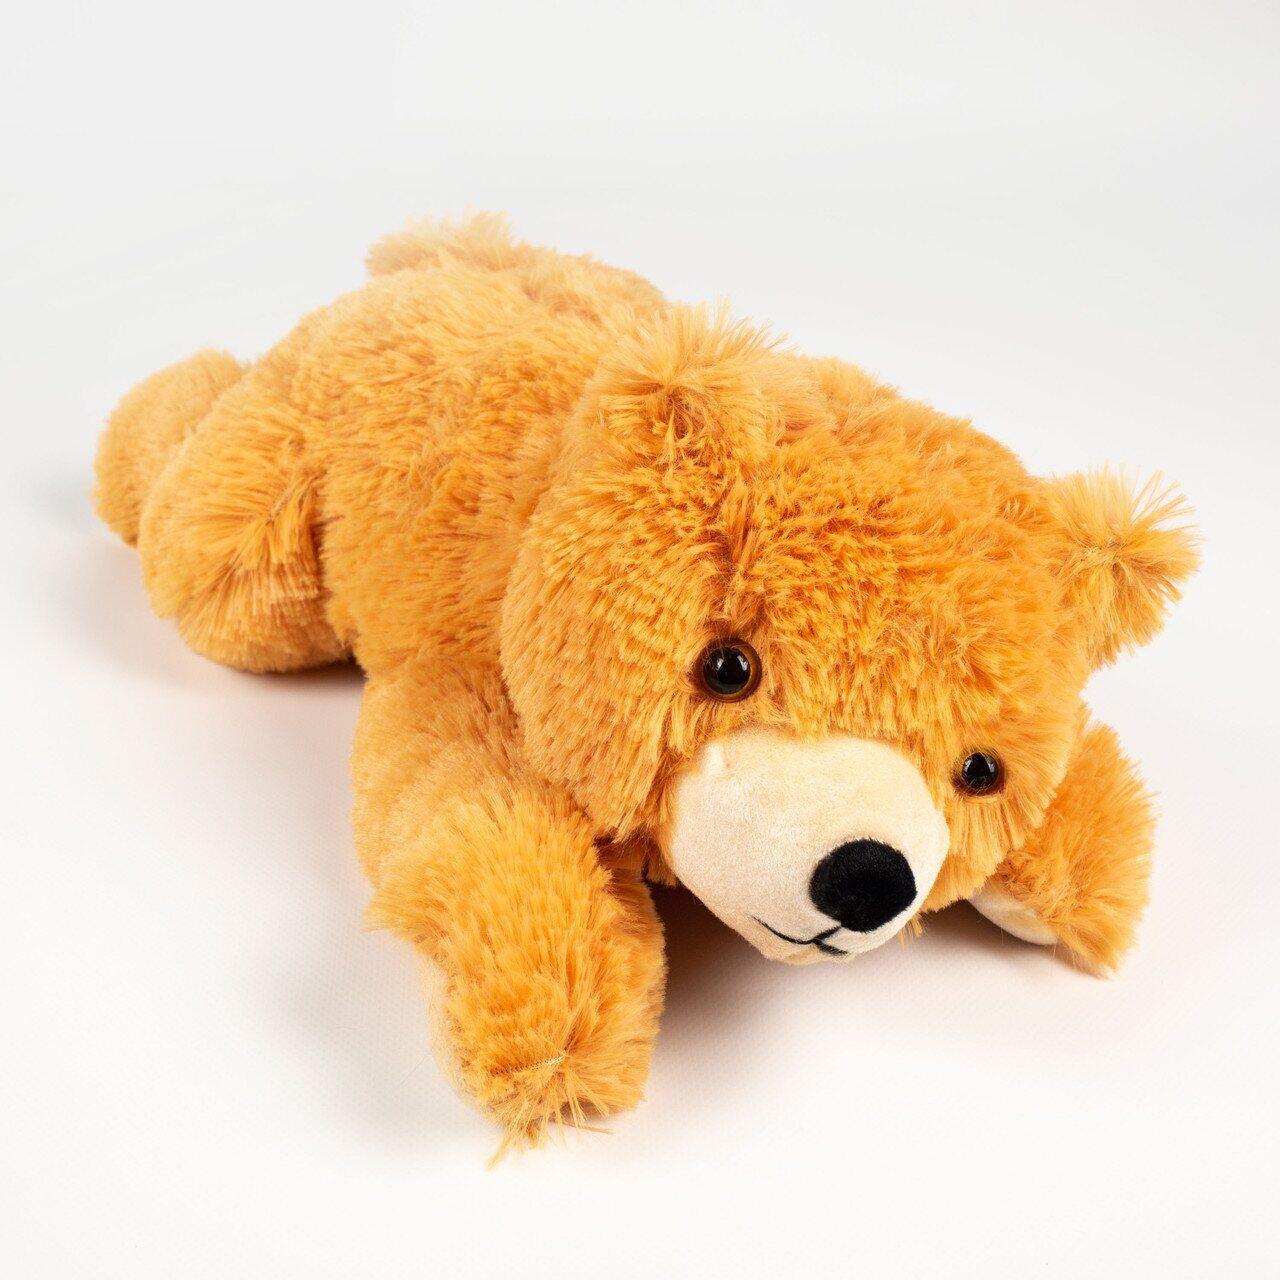 Мягкая игрушка Zolushka Медведь Соня маленький 42см коричневый (0924)